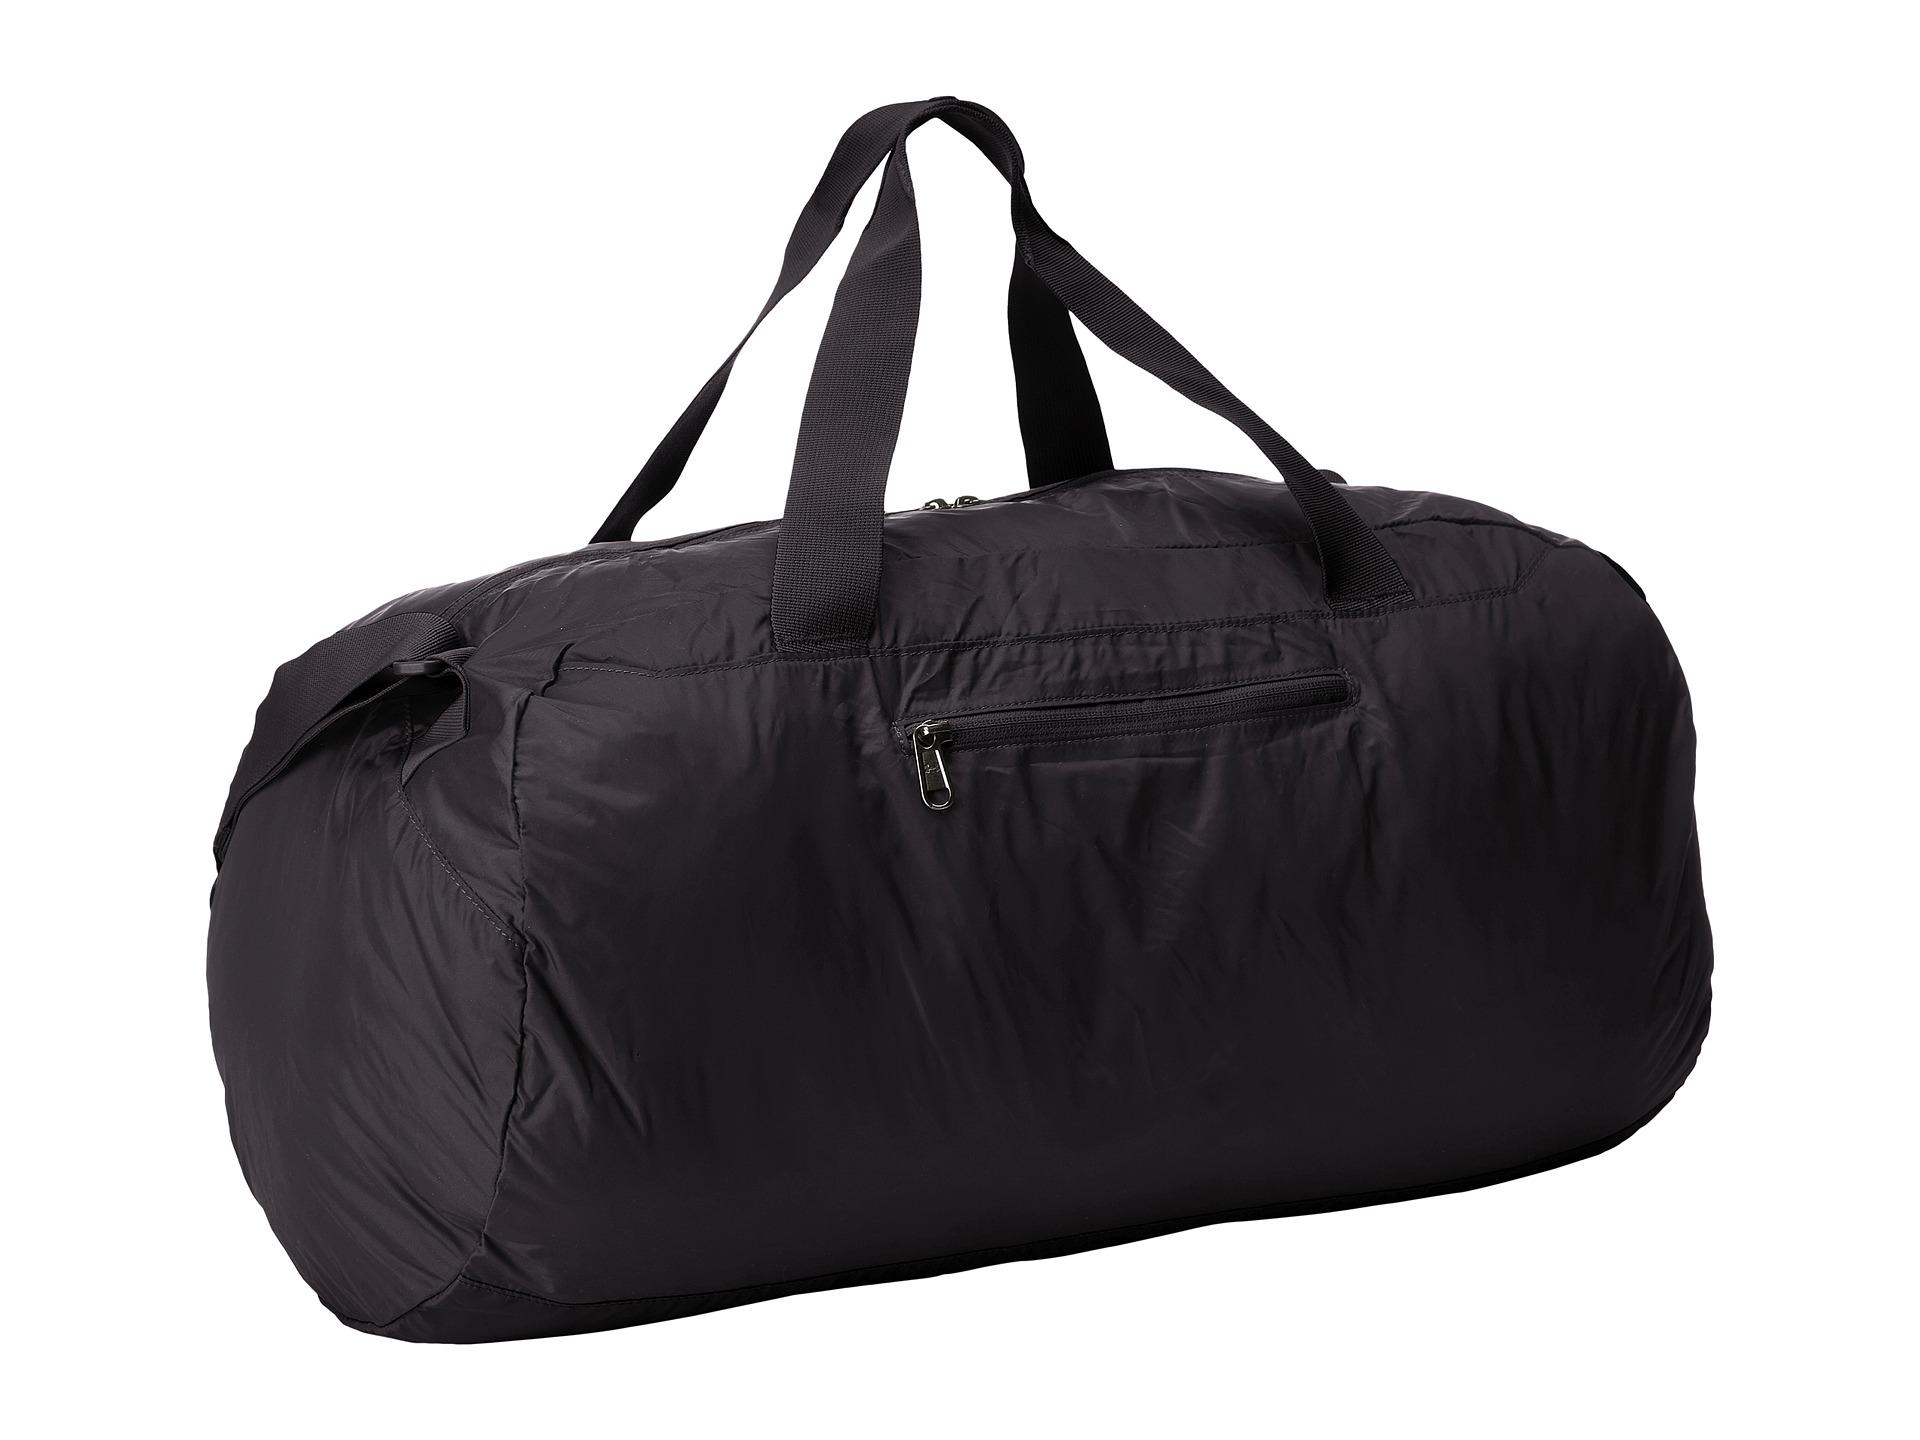 9e1a23563a Air Jordan Duffle Bags Sale